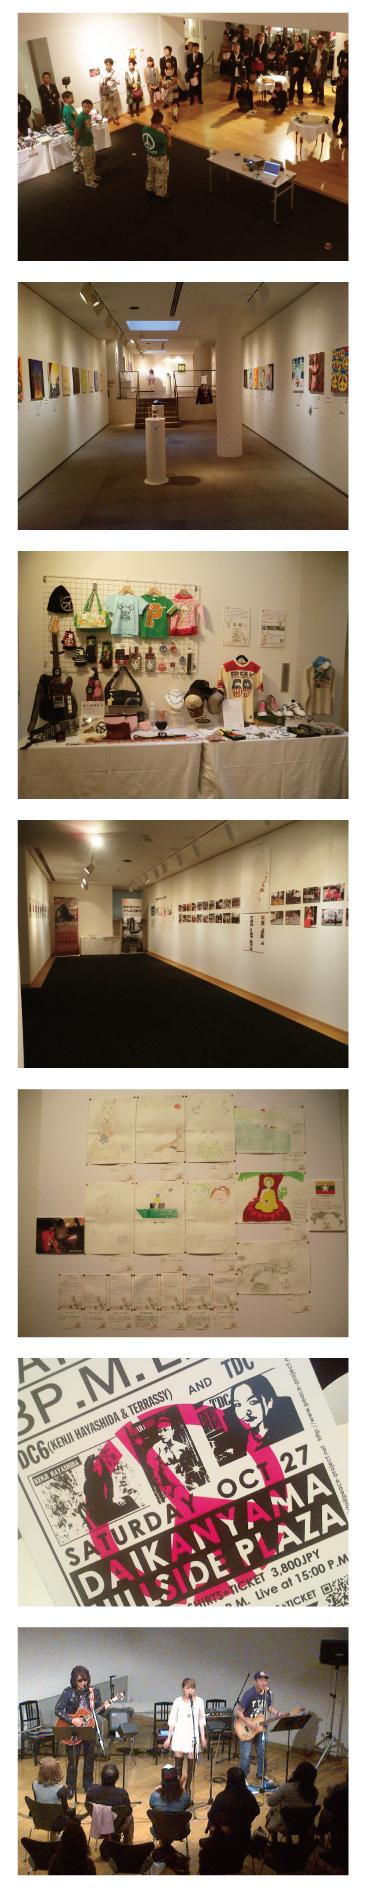 PPTEN2012-02.jpg